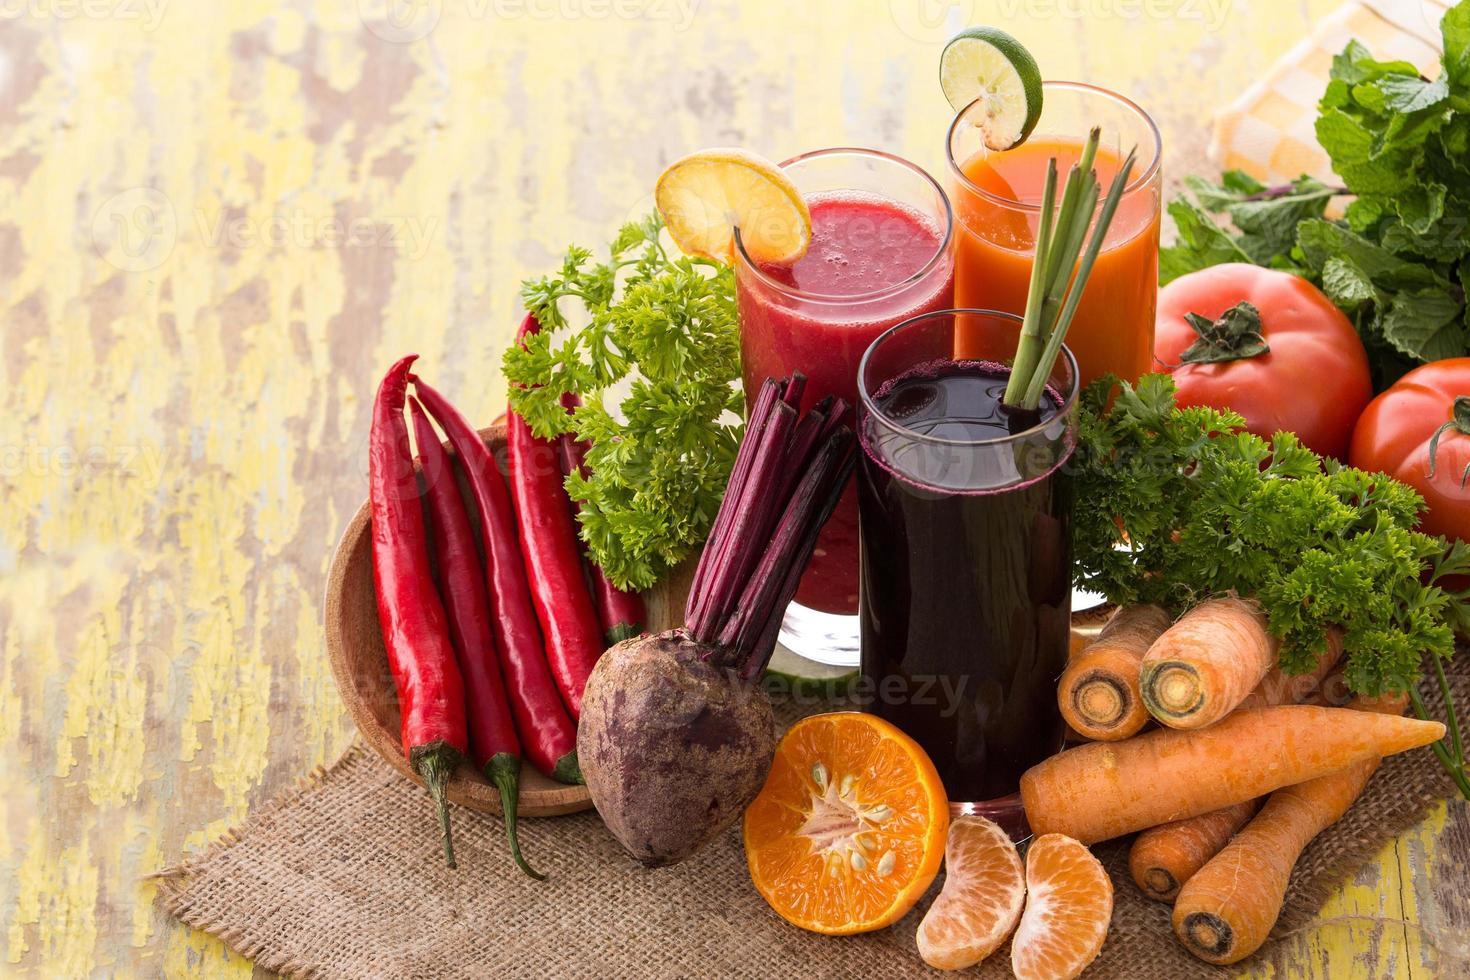 jugo de zanahoria, remolacha y ají rojo foto